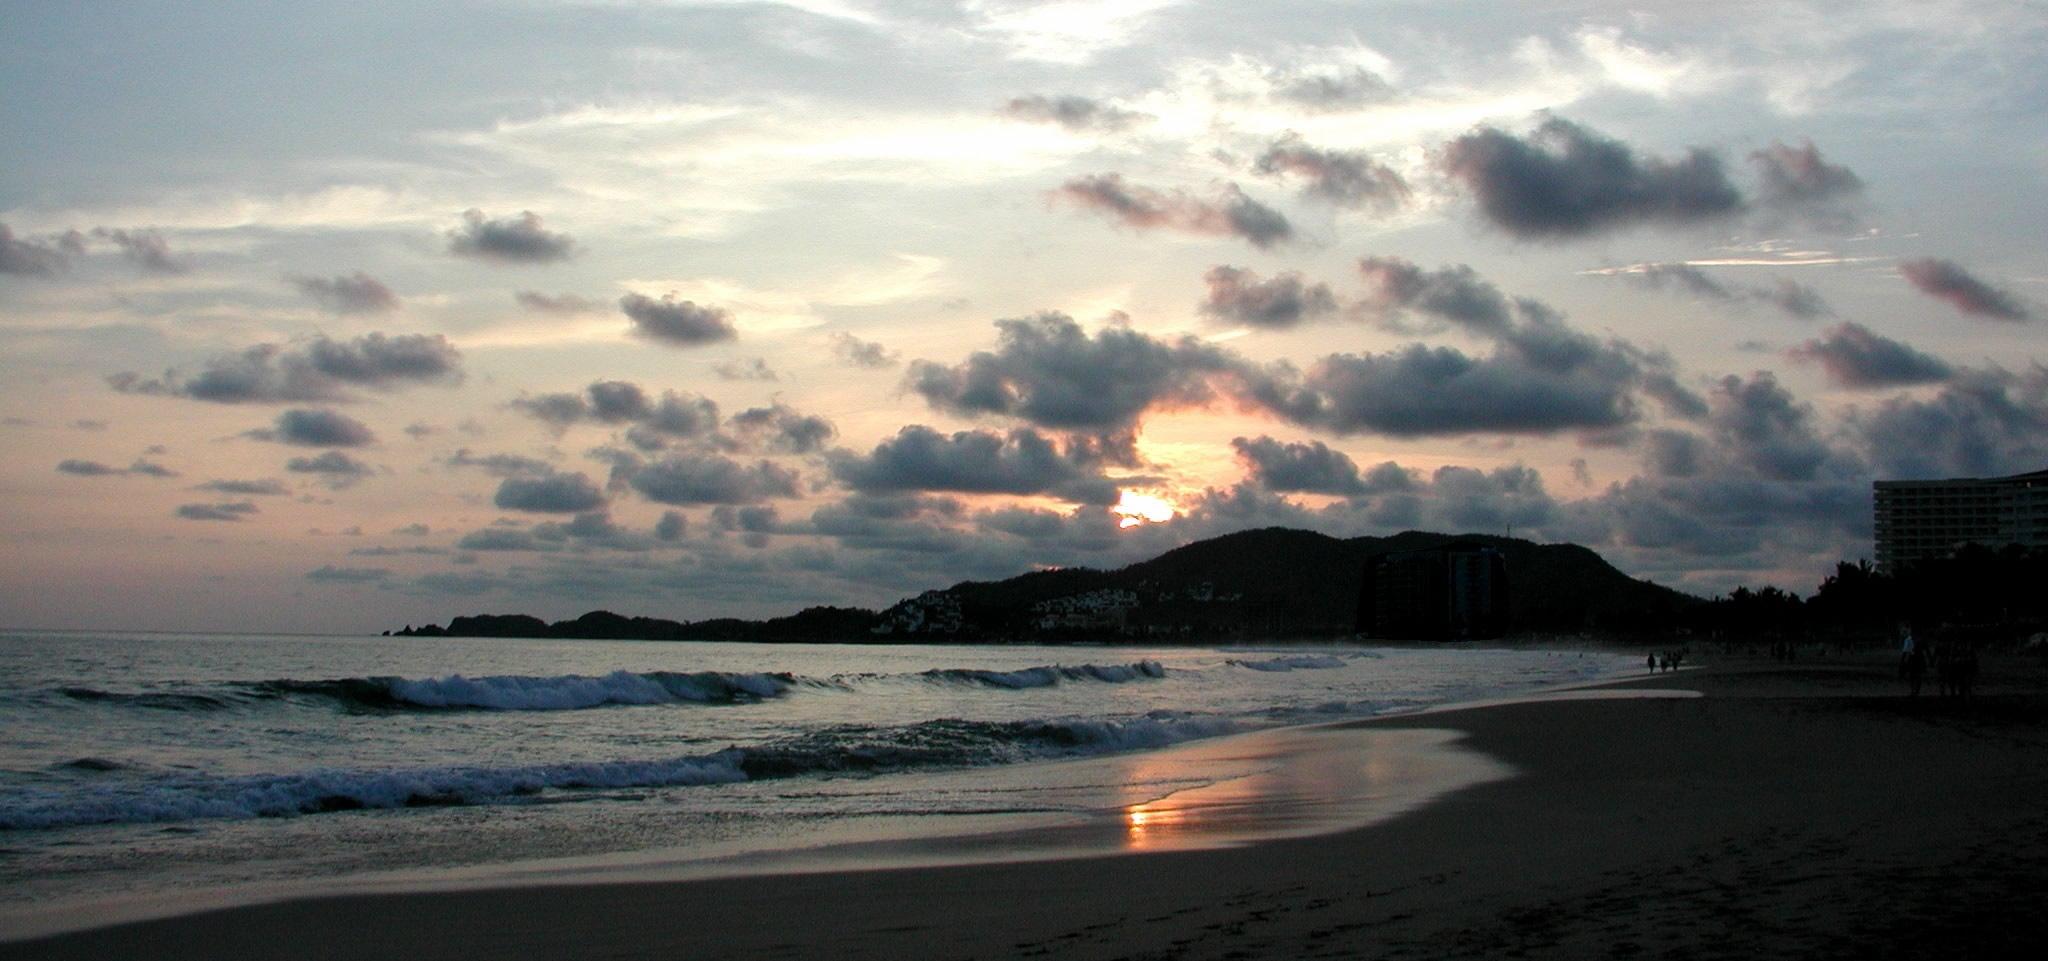 sunset on beach at ixtapa mexico